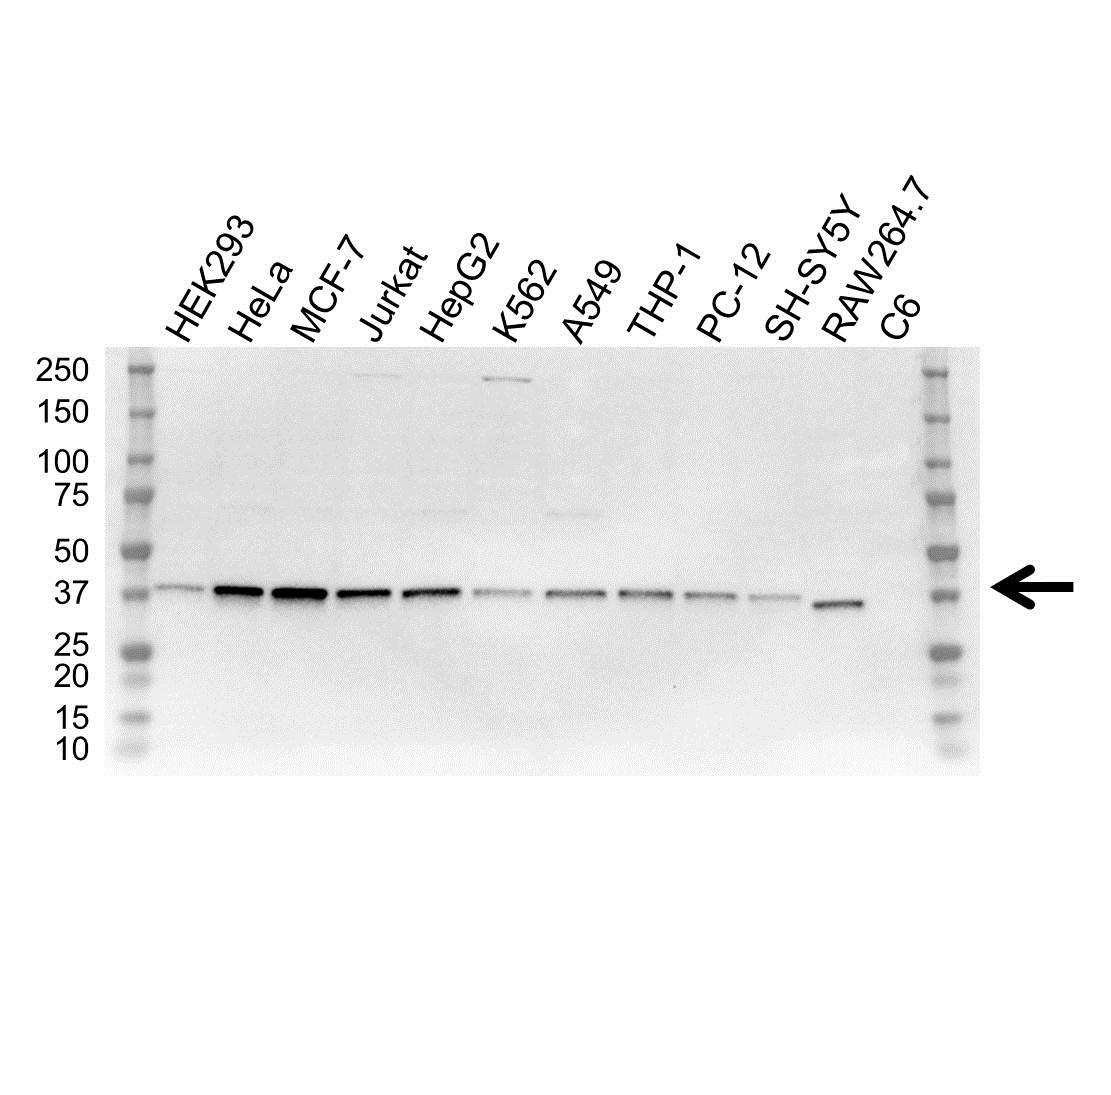 Anti NF Kappa B Inhibitor Alpha Antibody, clone OTI1D4 (PrecisionAb™ Monoclonal Antibody) gallery image 1